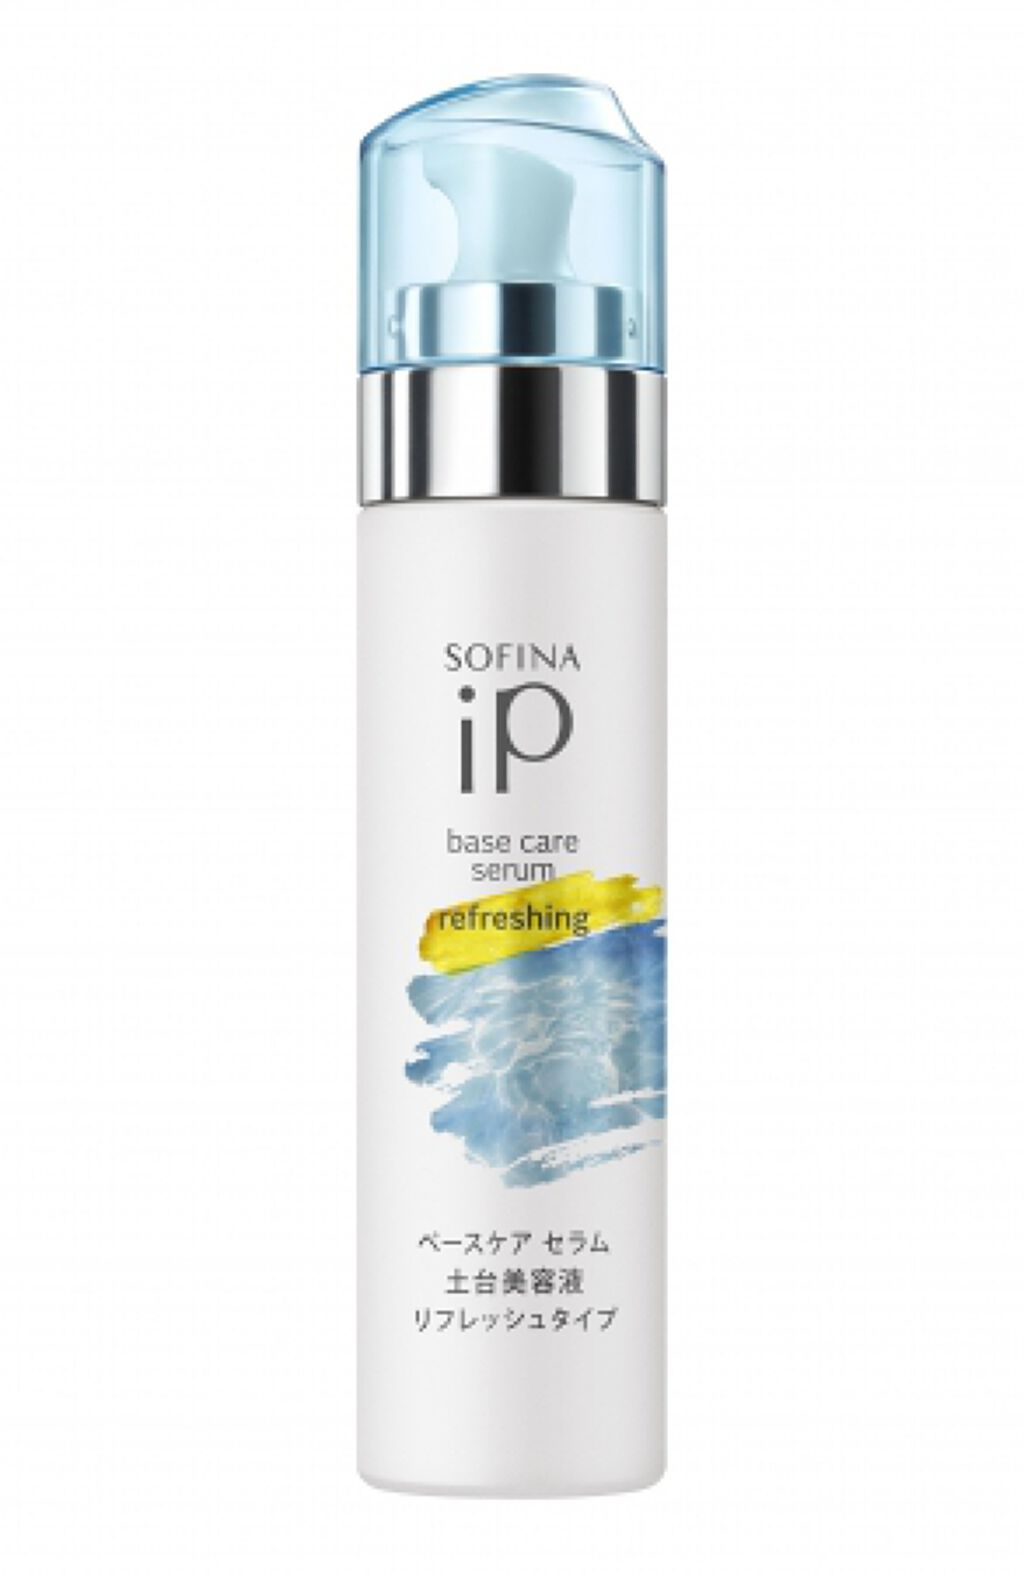 ベースケア セラム<土台美容液> リフレッシュタイプ SOFINA iP